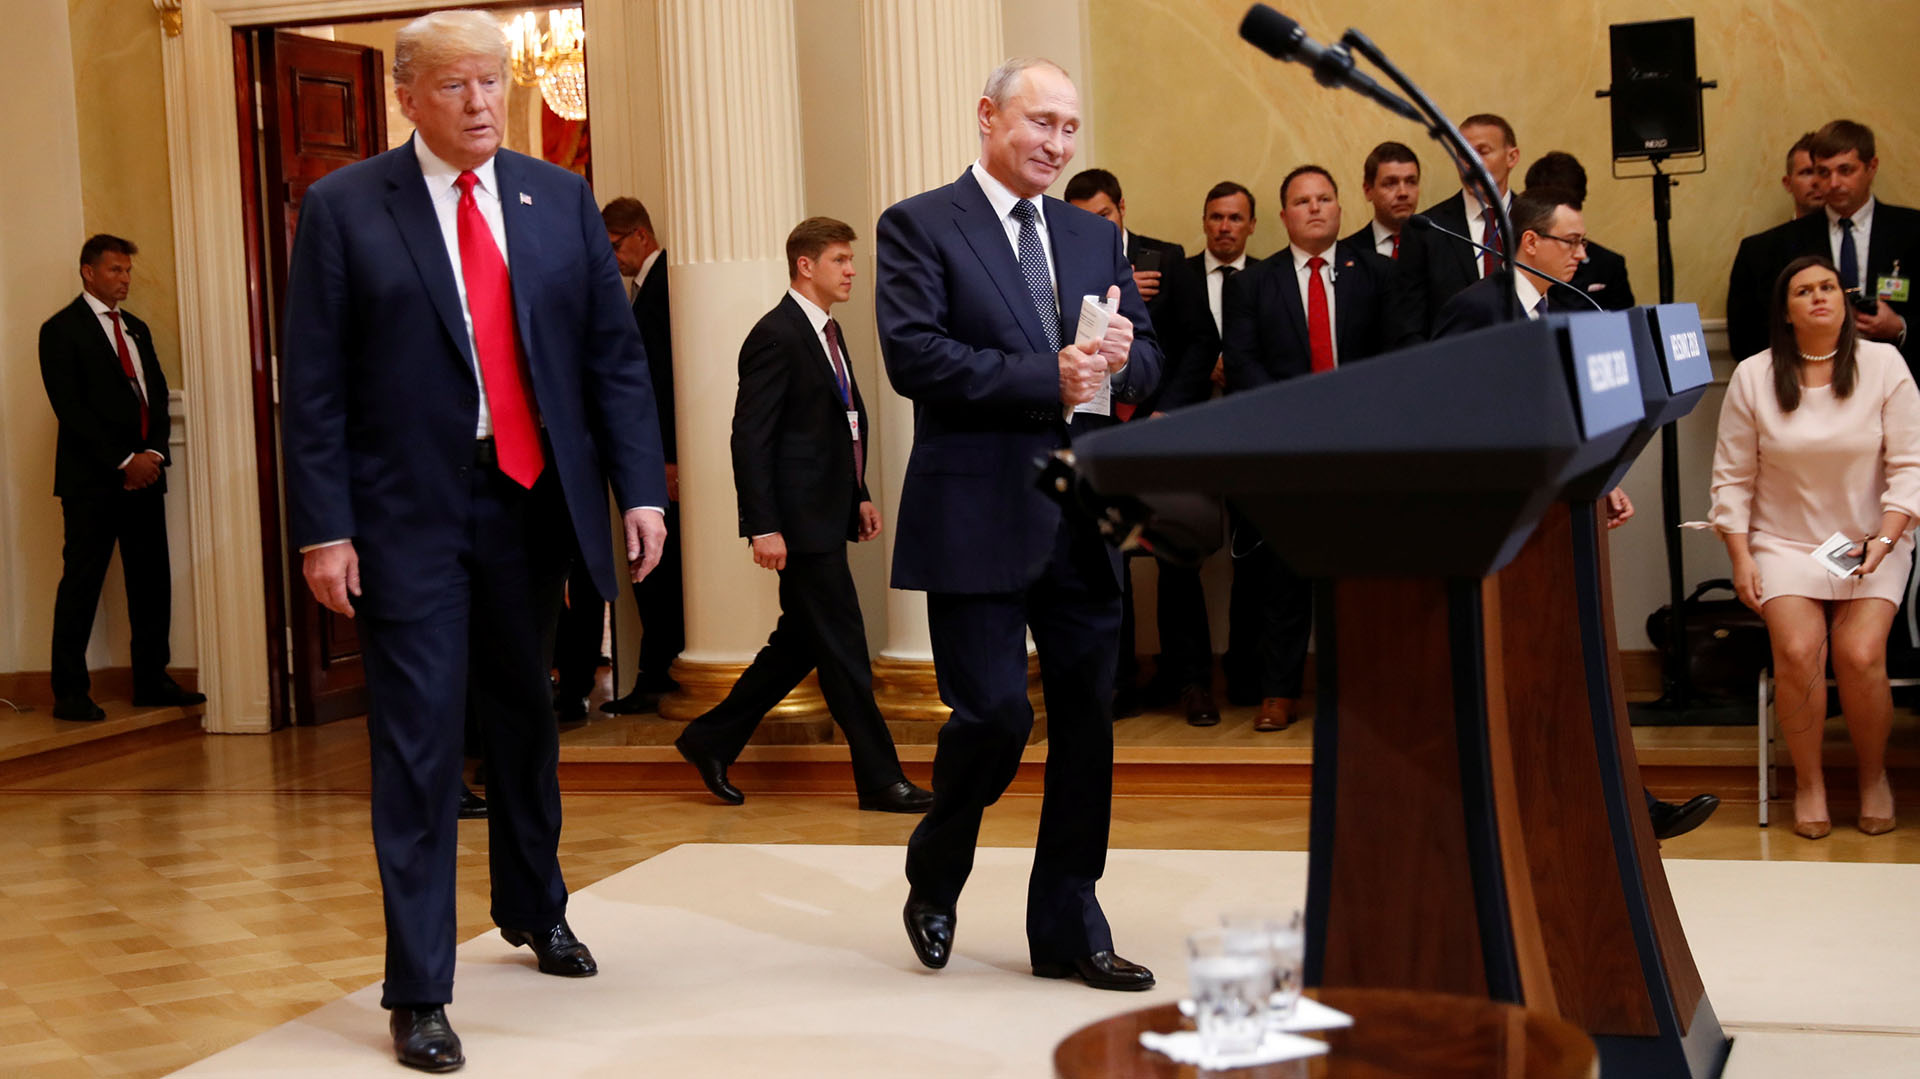 Entre el retraso de Putin y la prolongada reunión en privado, la conferencia empezó con más de una hora de demora